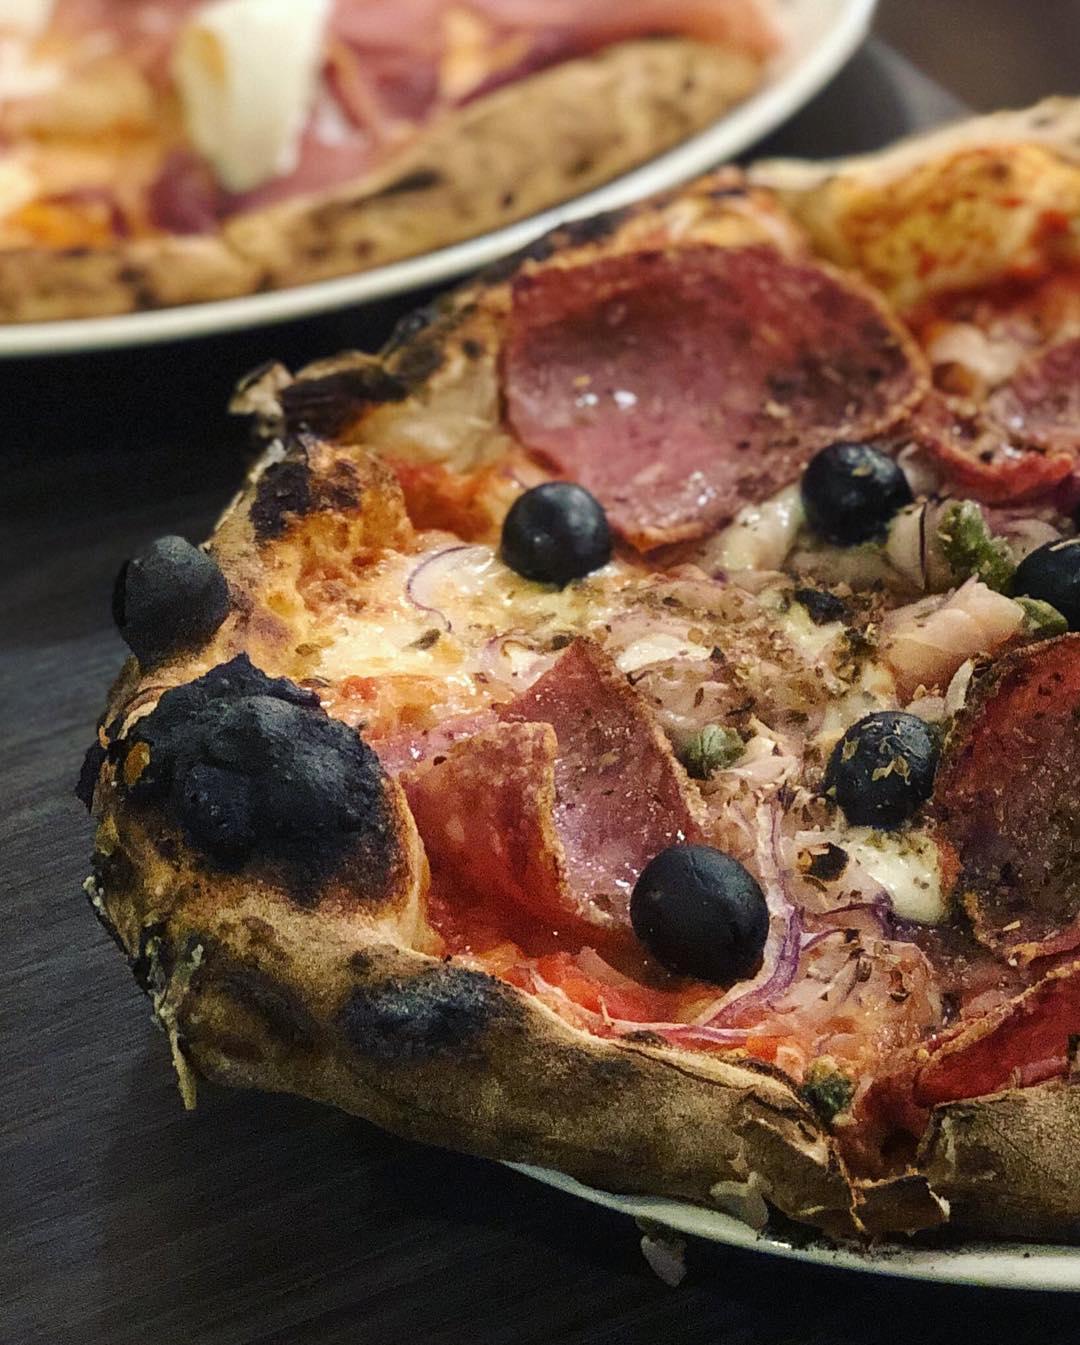 佐佧由義大利籍老闆坐鎮,製作美味義式披薩。